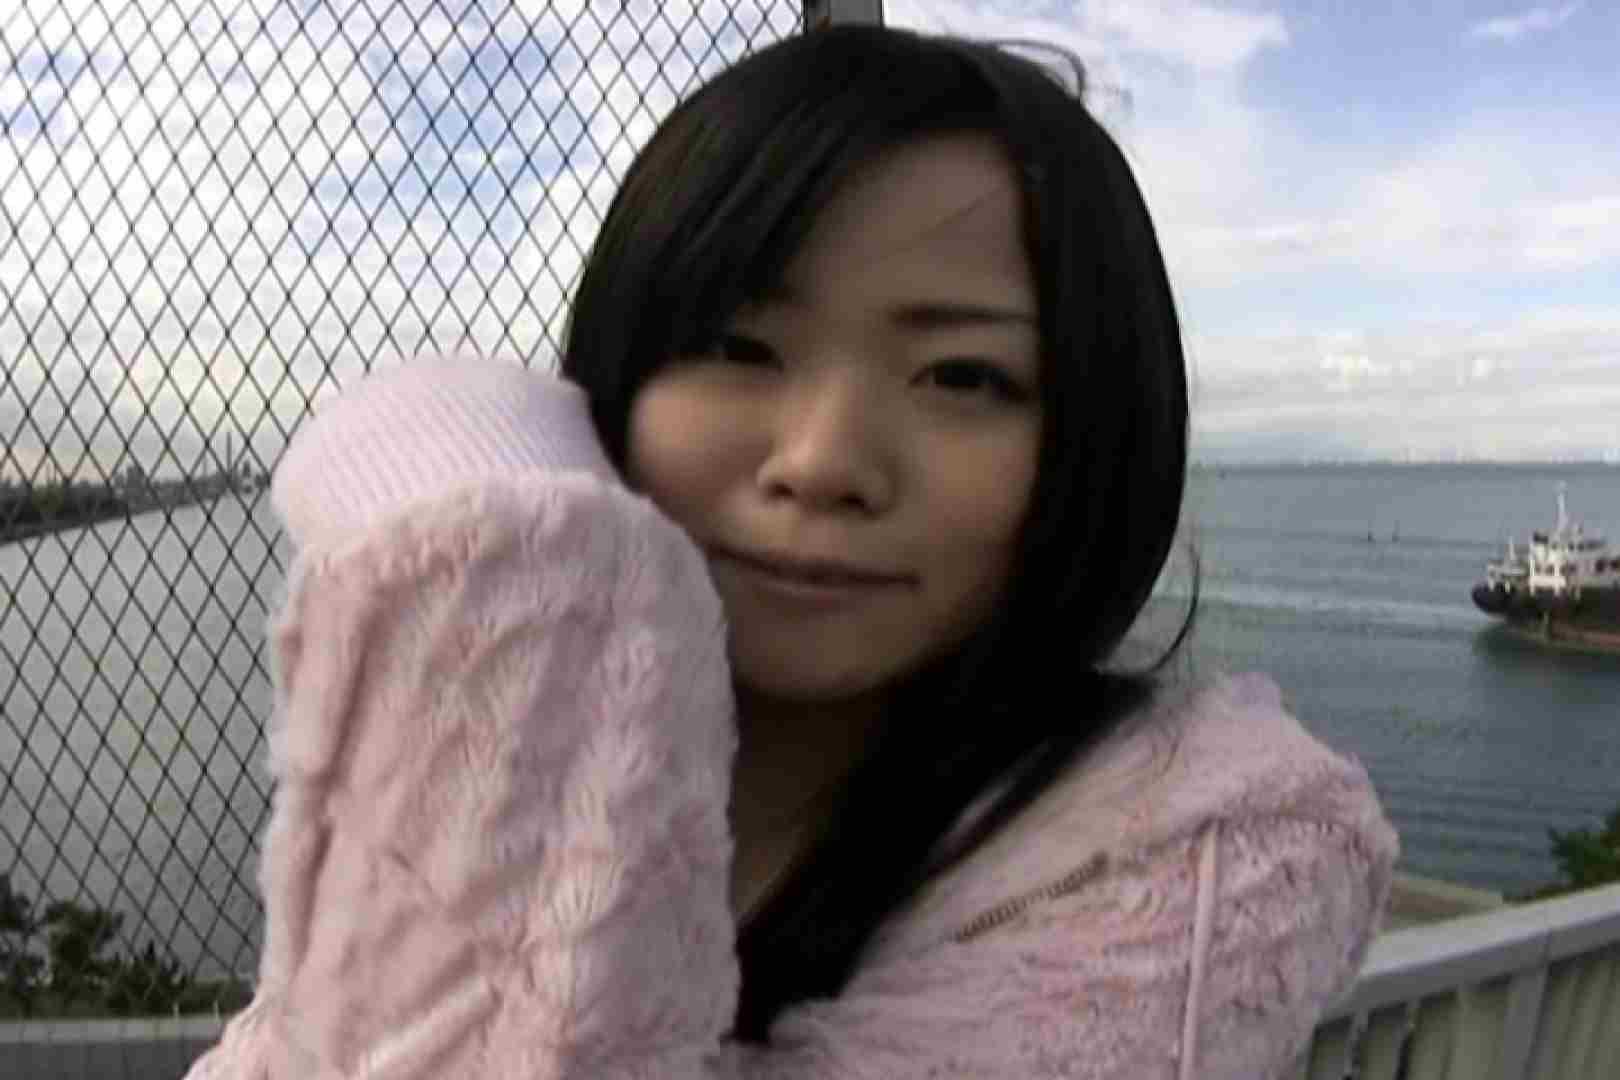 素人嬢がAV面接にやって来た。 仮名ゆみvol.2 ローター 盗撮動画紹介 108画像 93